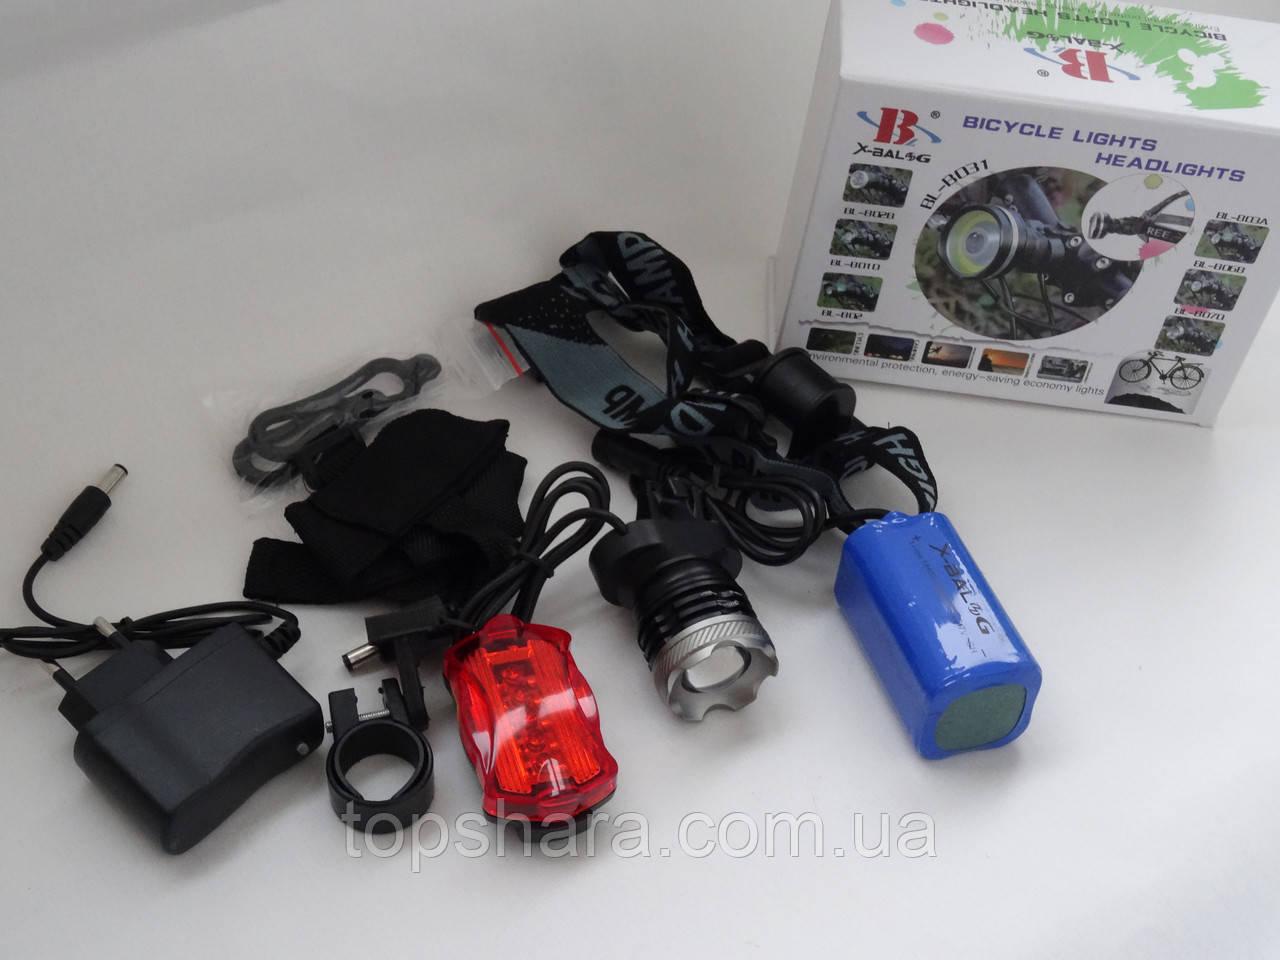 Фонарик для велосипеда аккумуляторный Bailong BL-B07D-T6